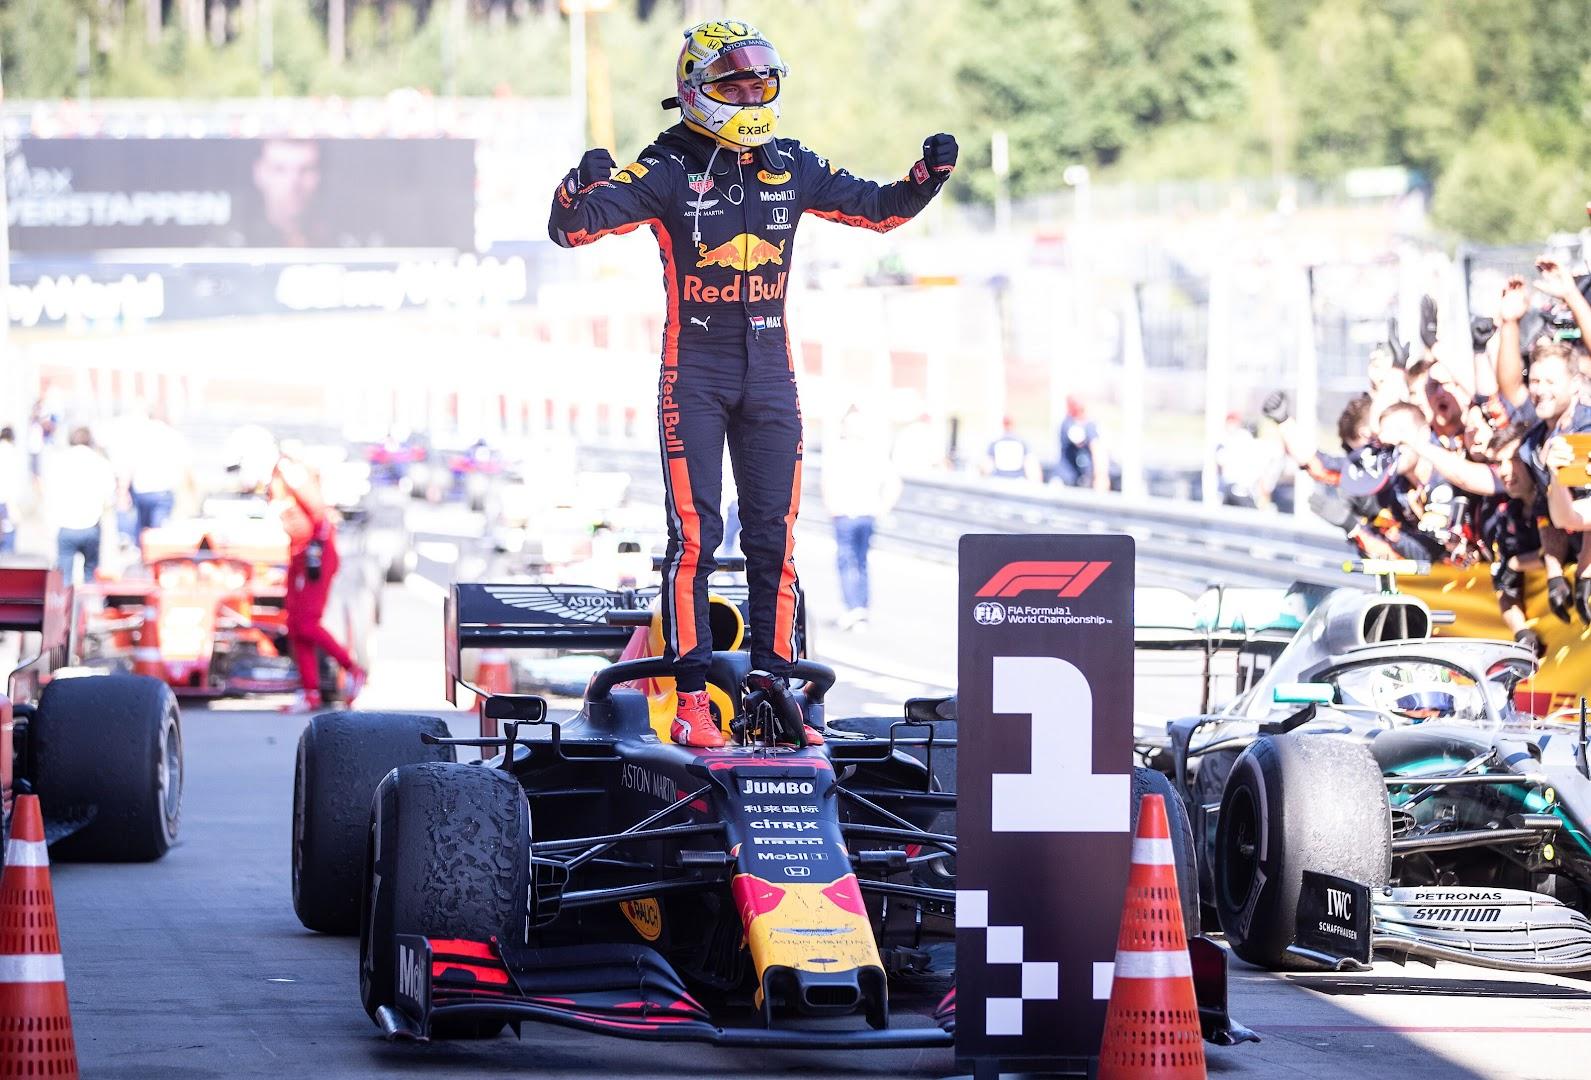 F1第9戦オーストリアGP、パルクフェルメでガッツポーズするフェルスタッペン